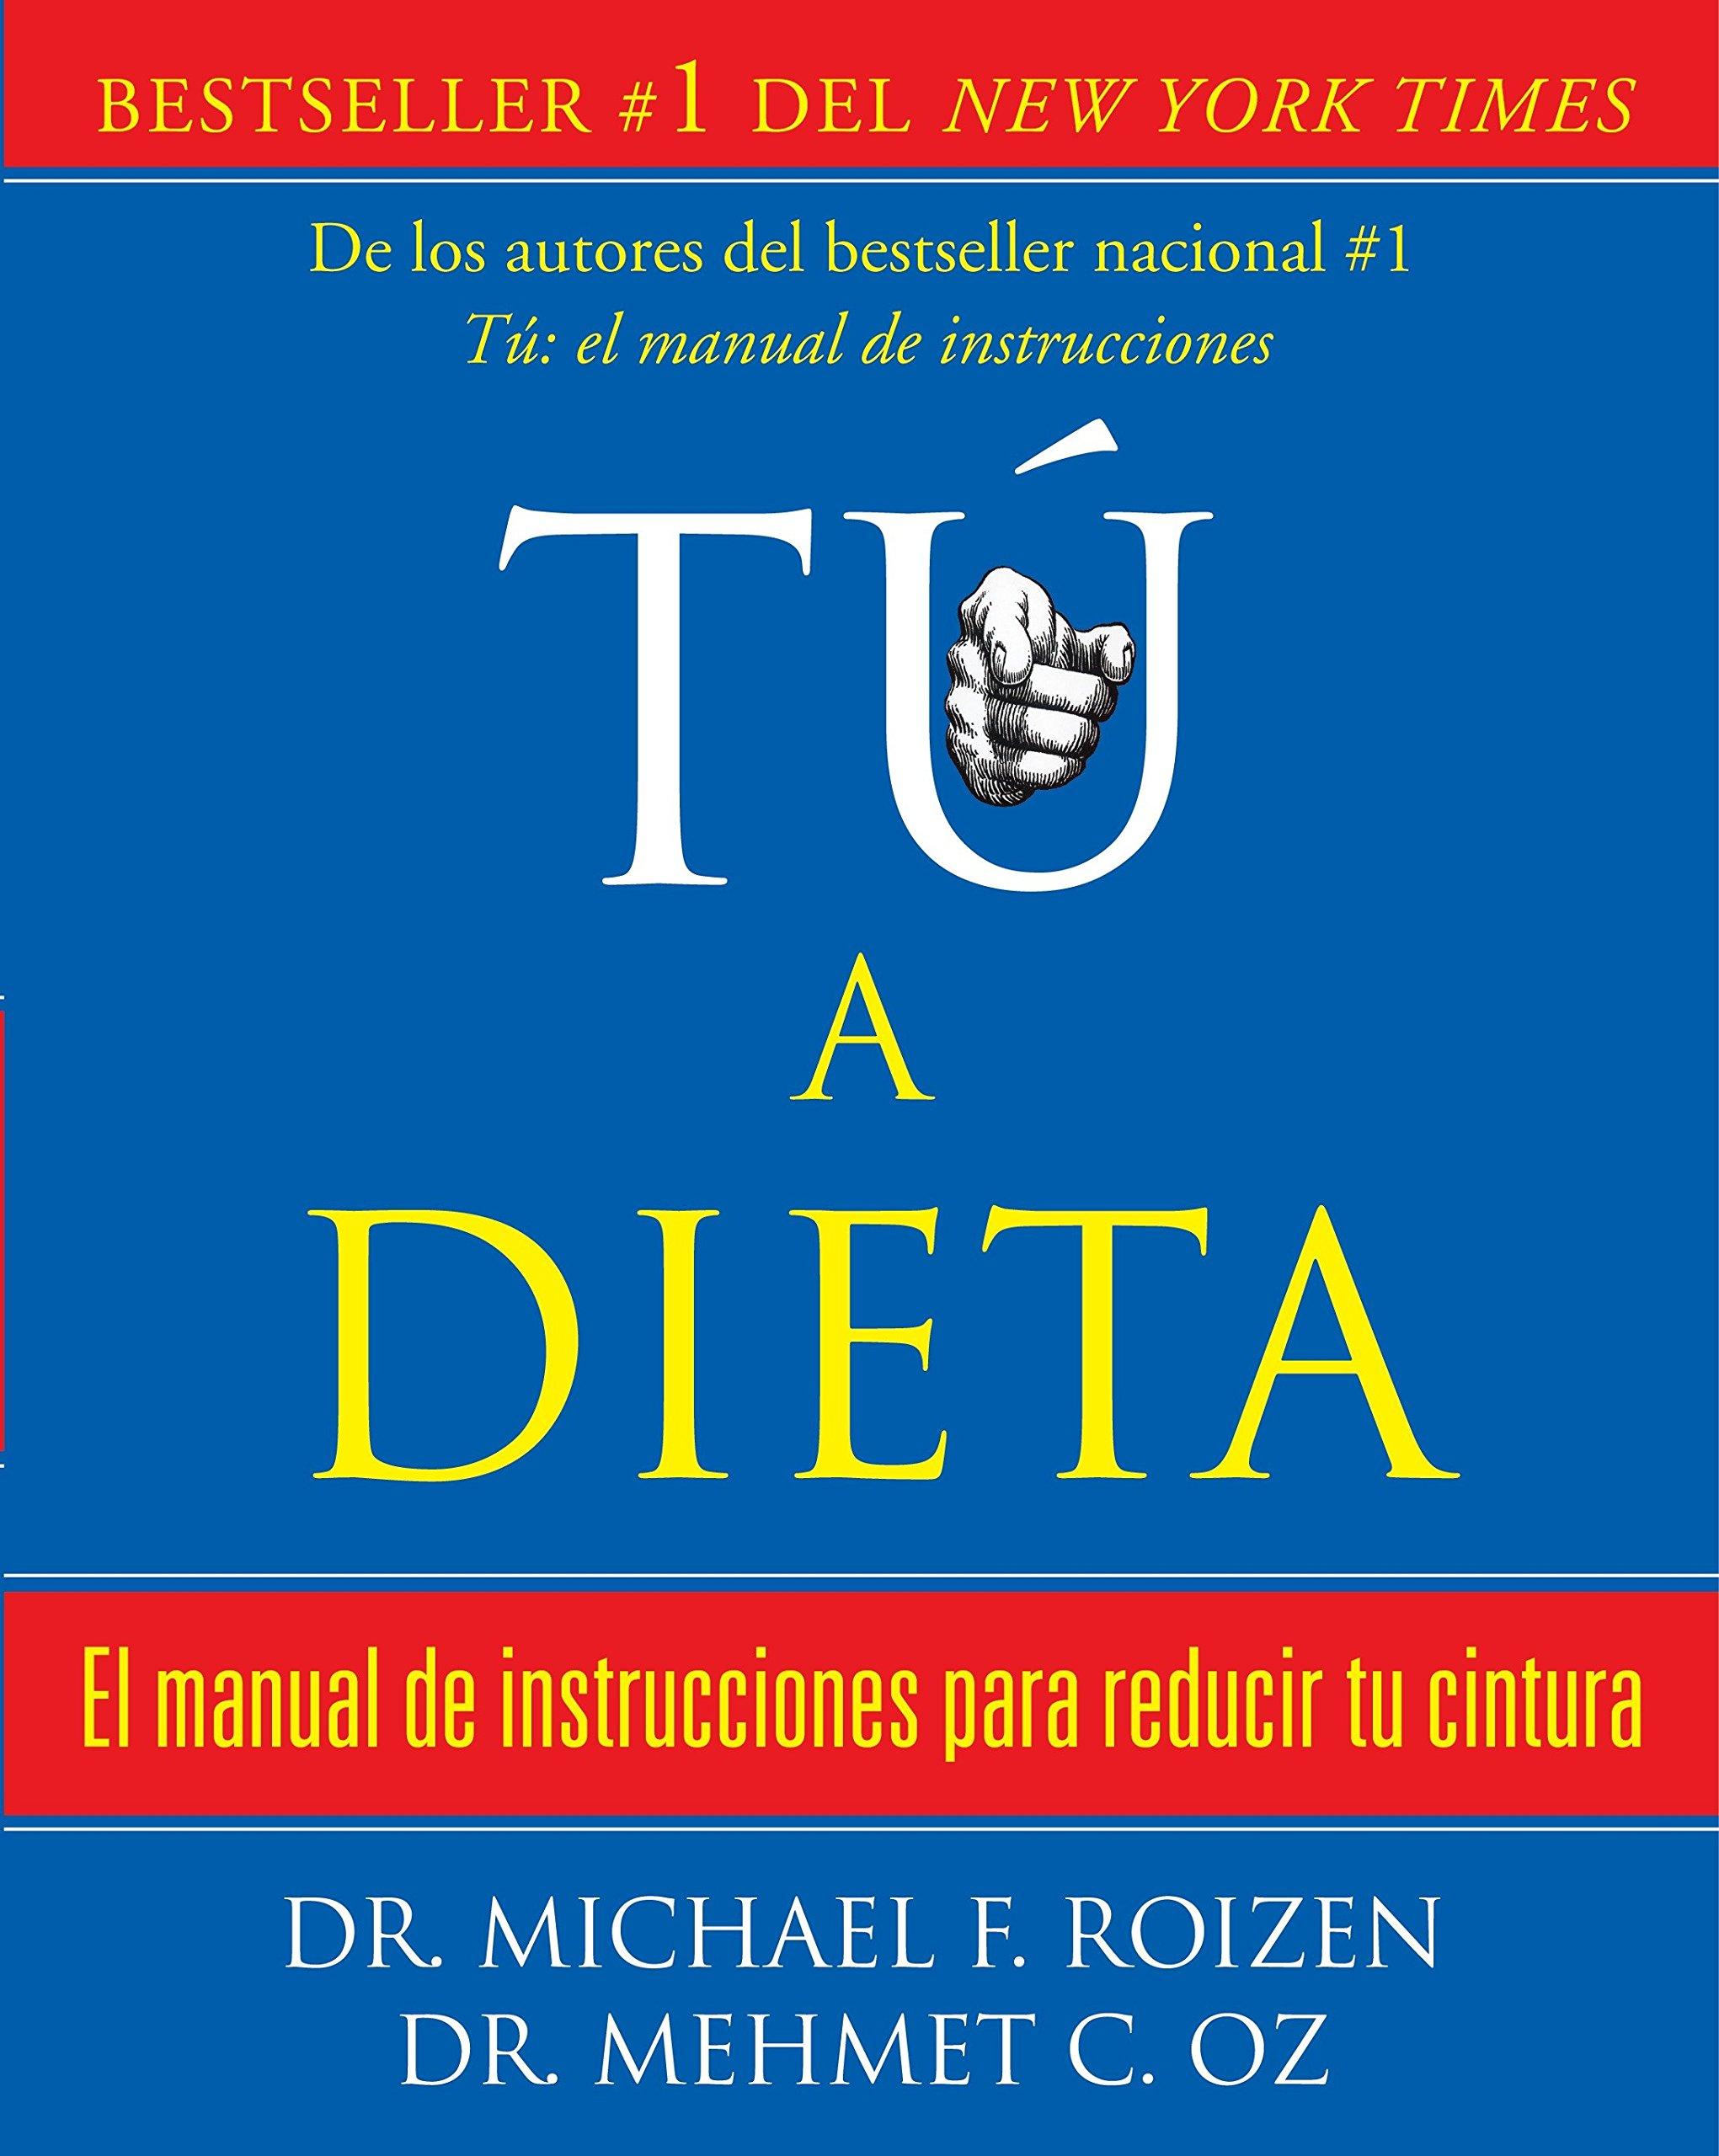 tú, a dieta: Manual de instrucciones para reducir tu cintura (Spanish Edition) by Vintage Espanol